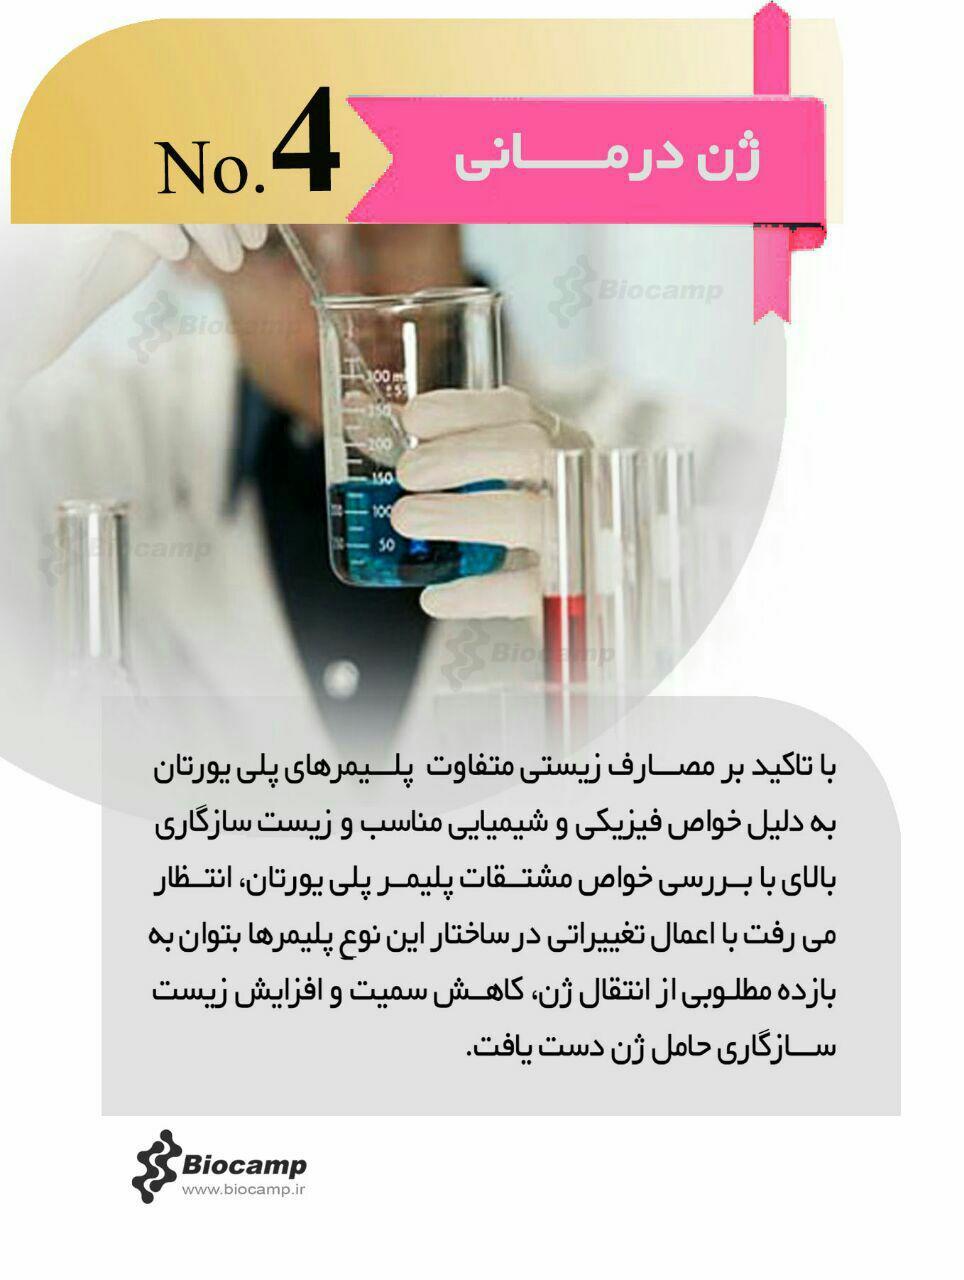 ژن درمانی ژن درمانی چیست؟ - اینفوگرافی ژن درمانی چیست؟ - اینفوگرافی photo 2016 09 01 18 12 12